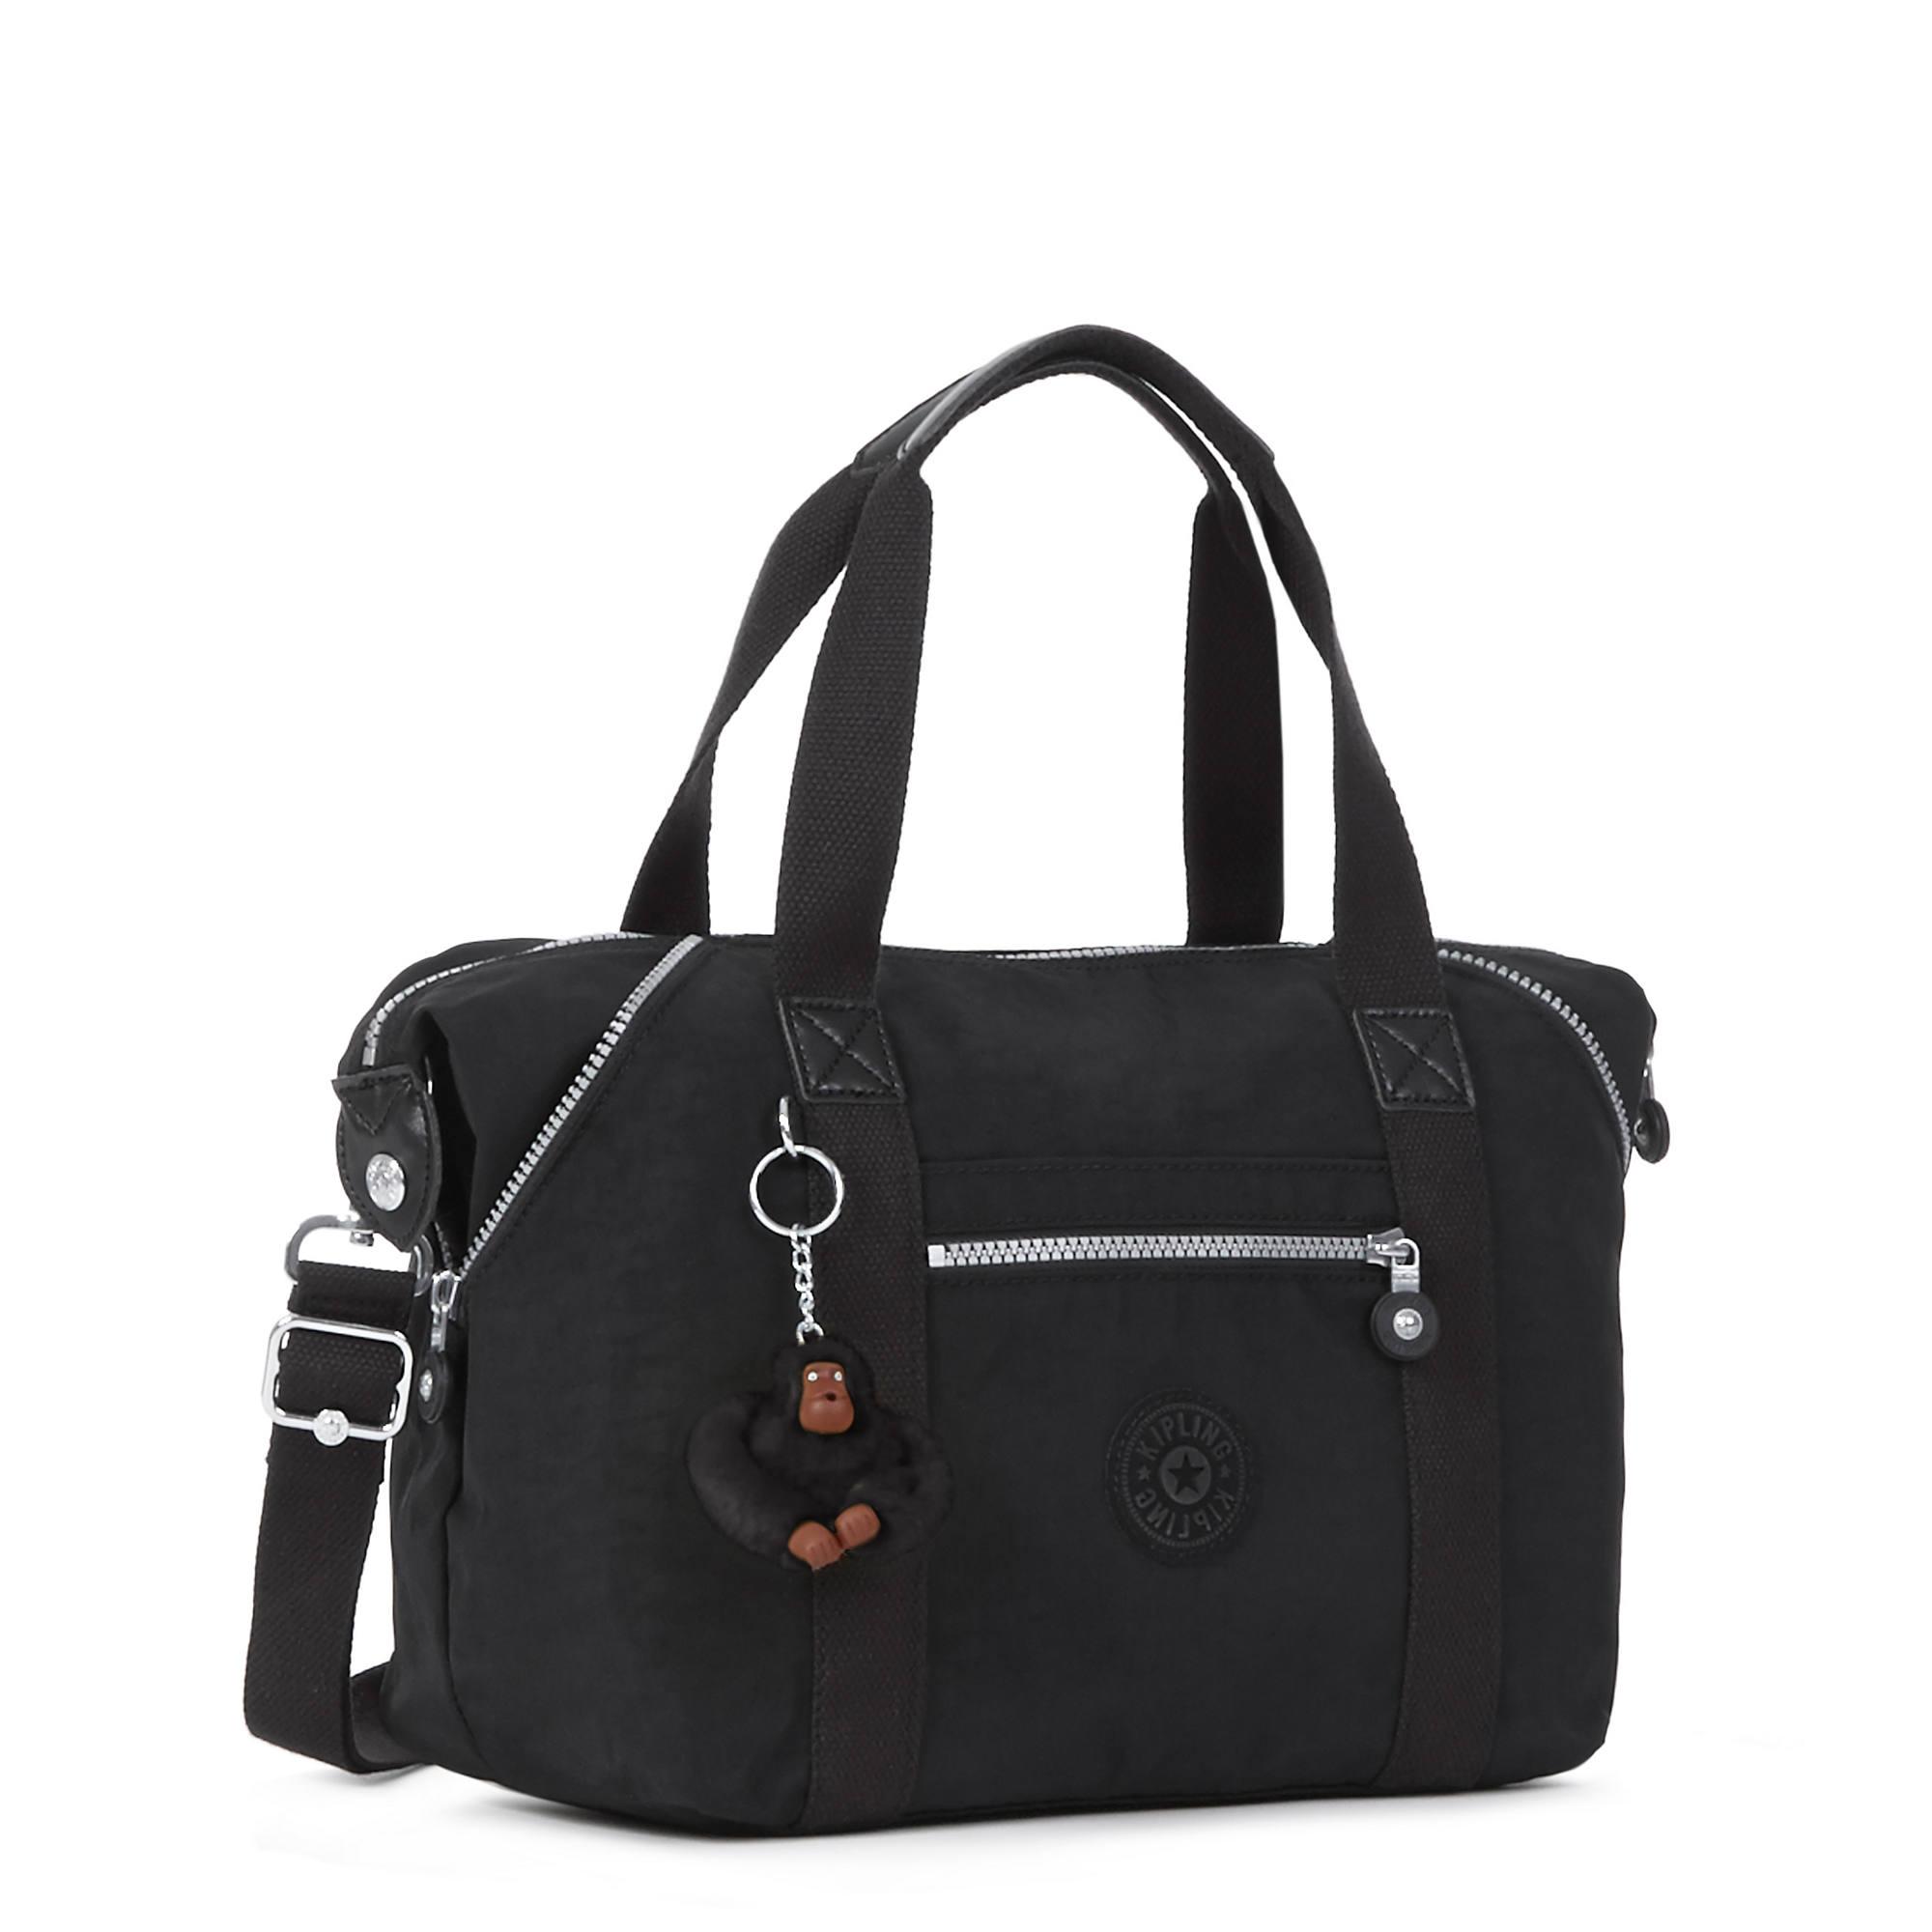 374e610142 Art Small Handbag,Black Classic,large